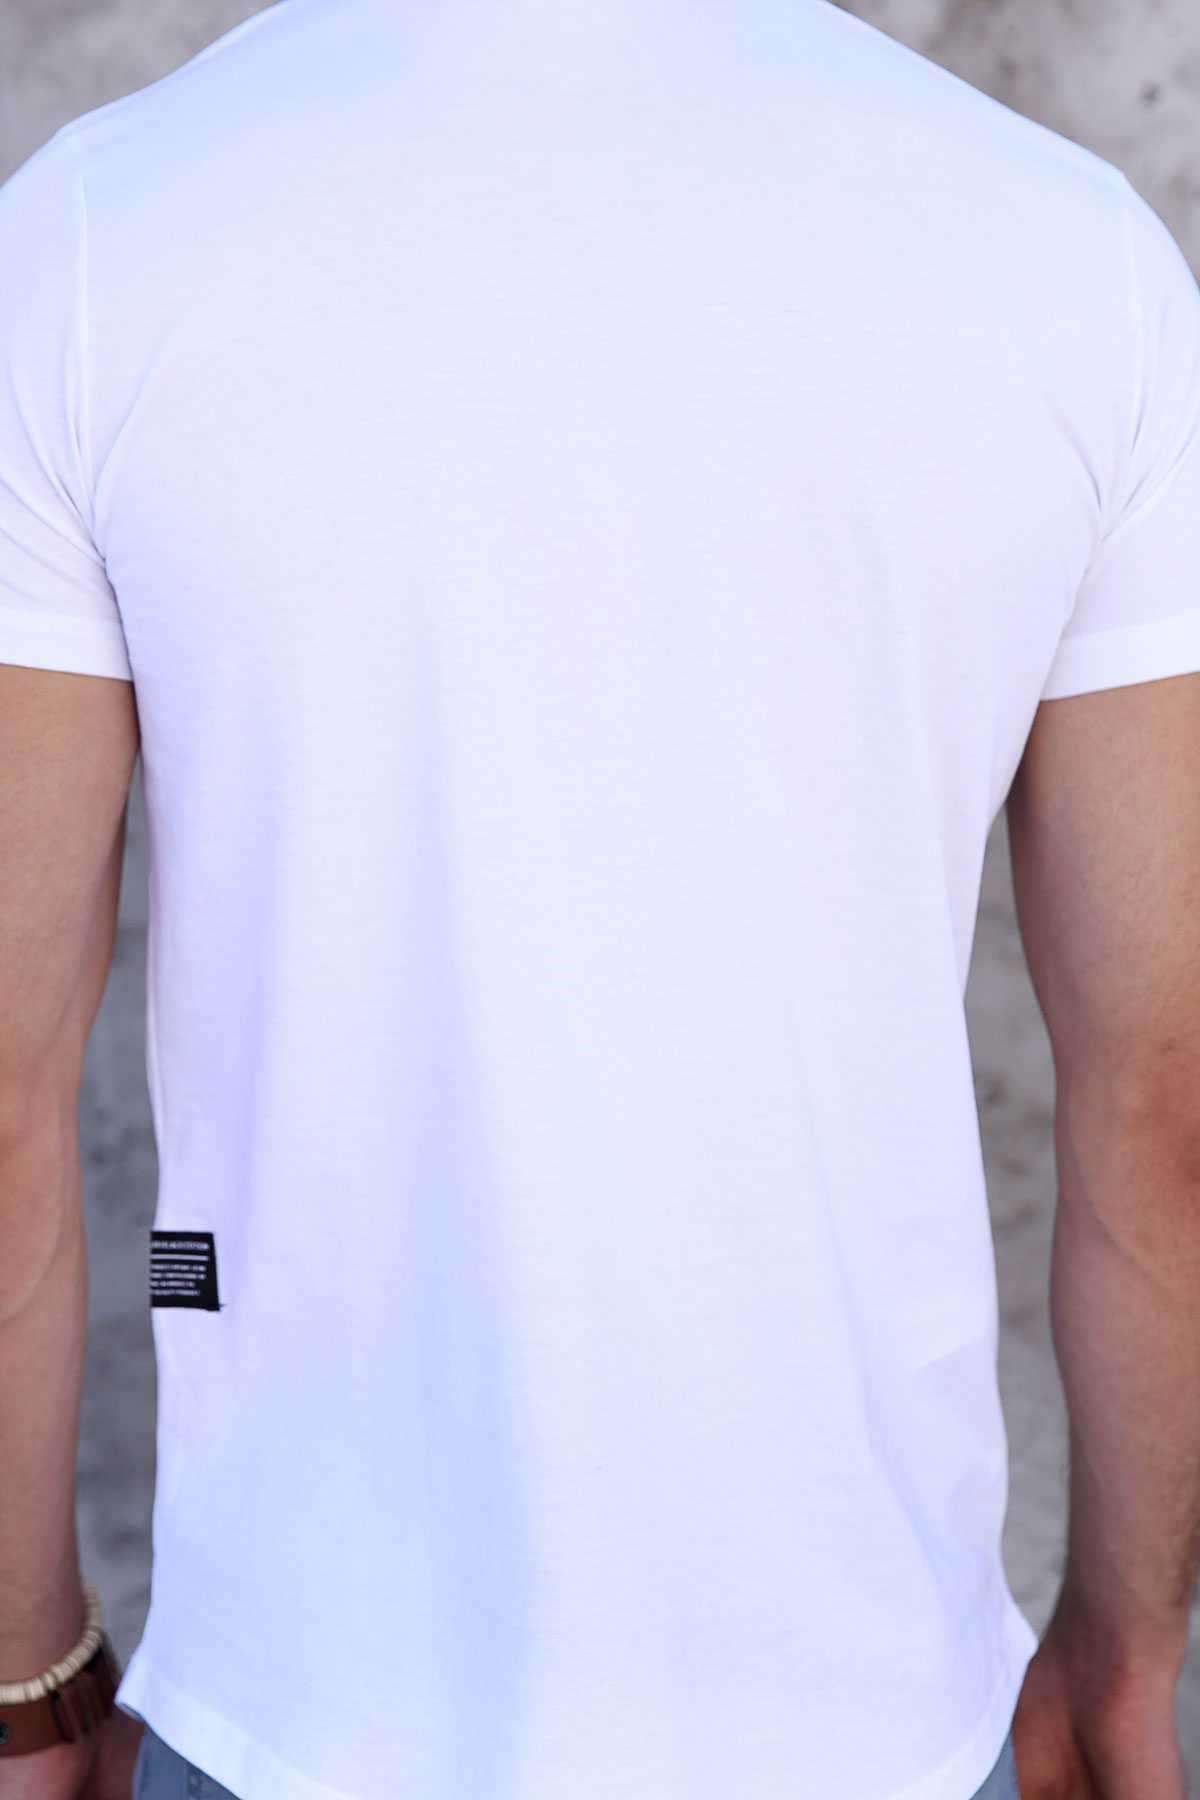 Tek Kol Halka Şerit Armalı Önü Küçük Kareli Slim Fit Tişört Beyaz